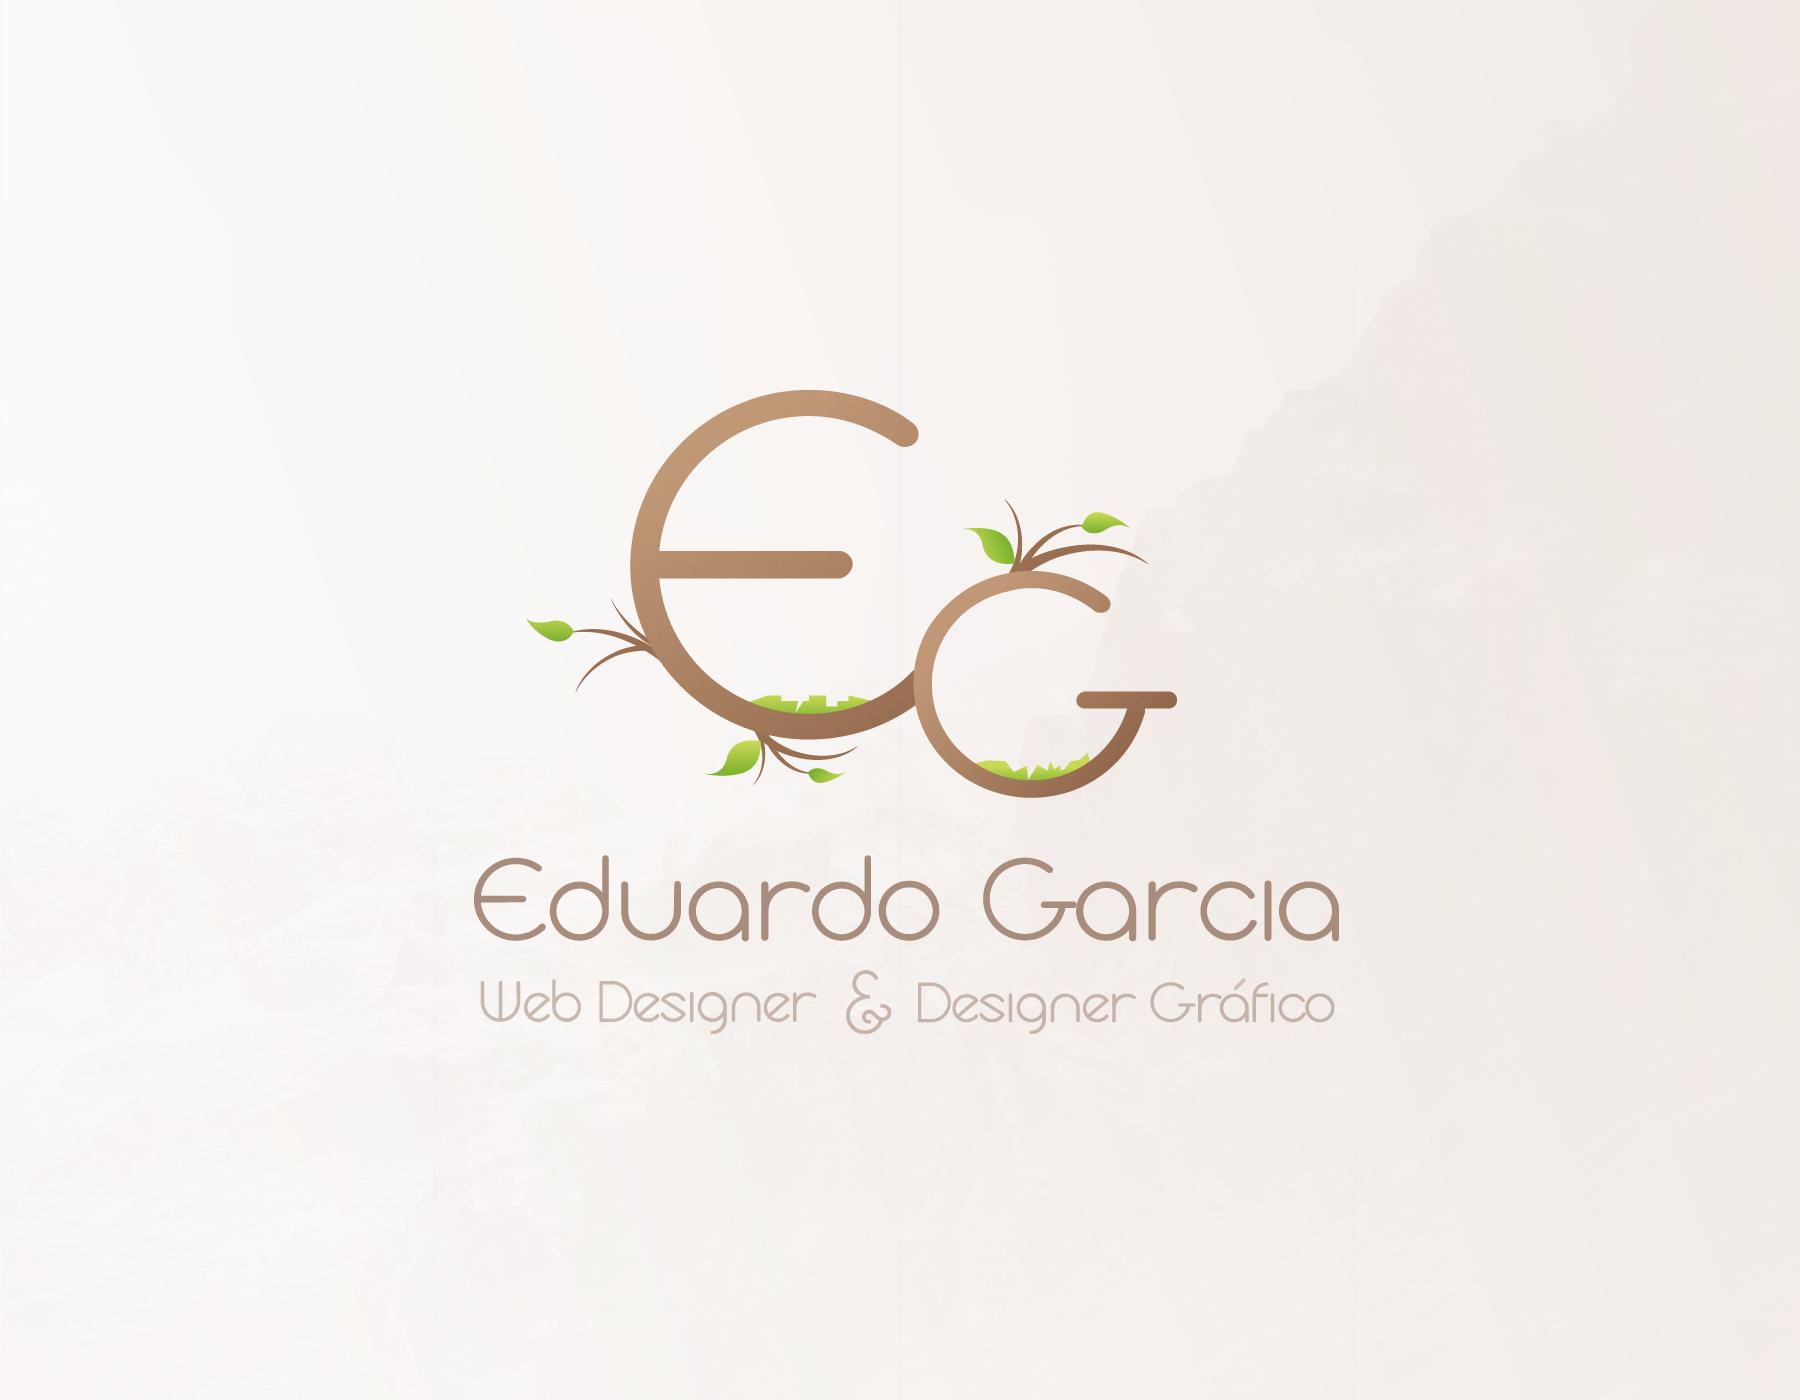 Eduardo Garcia - Brand